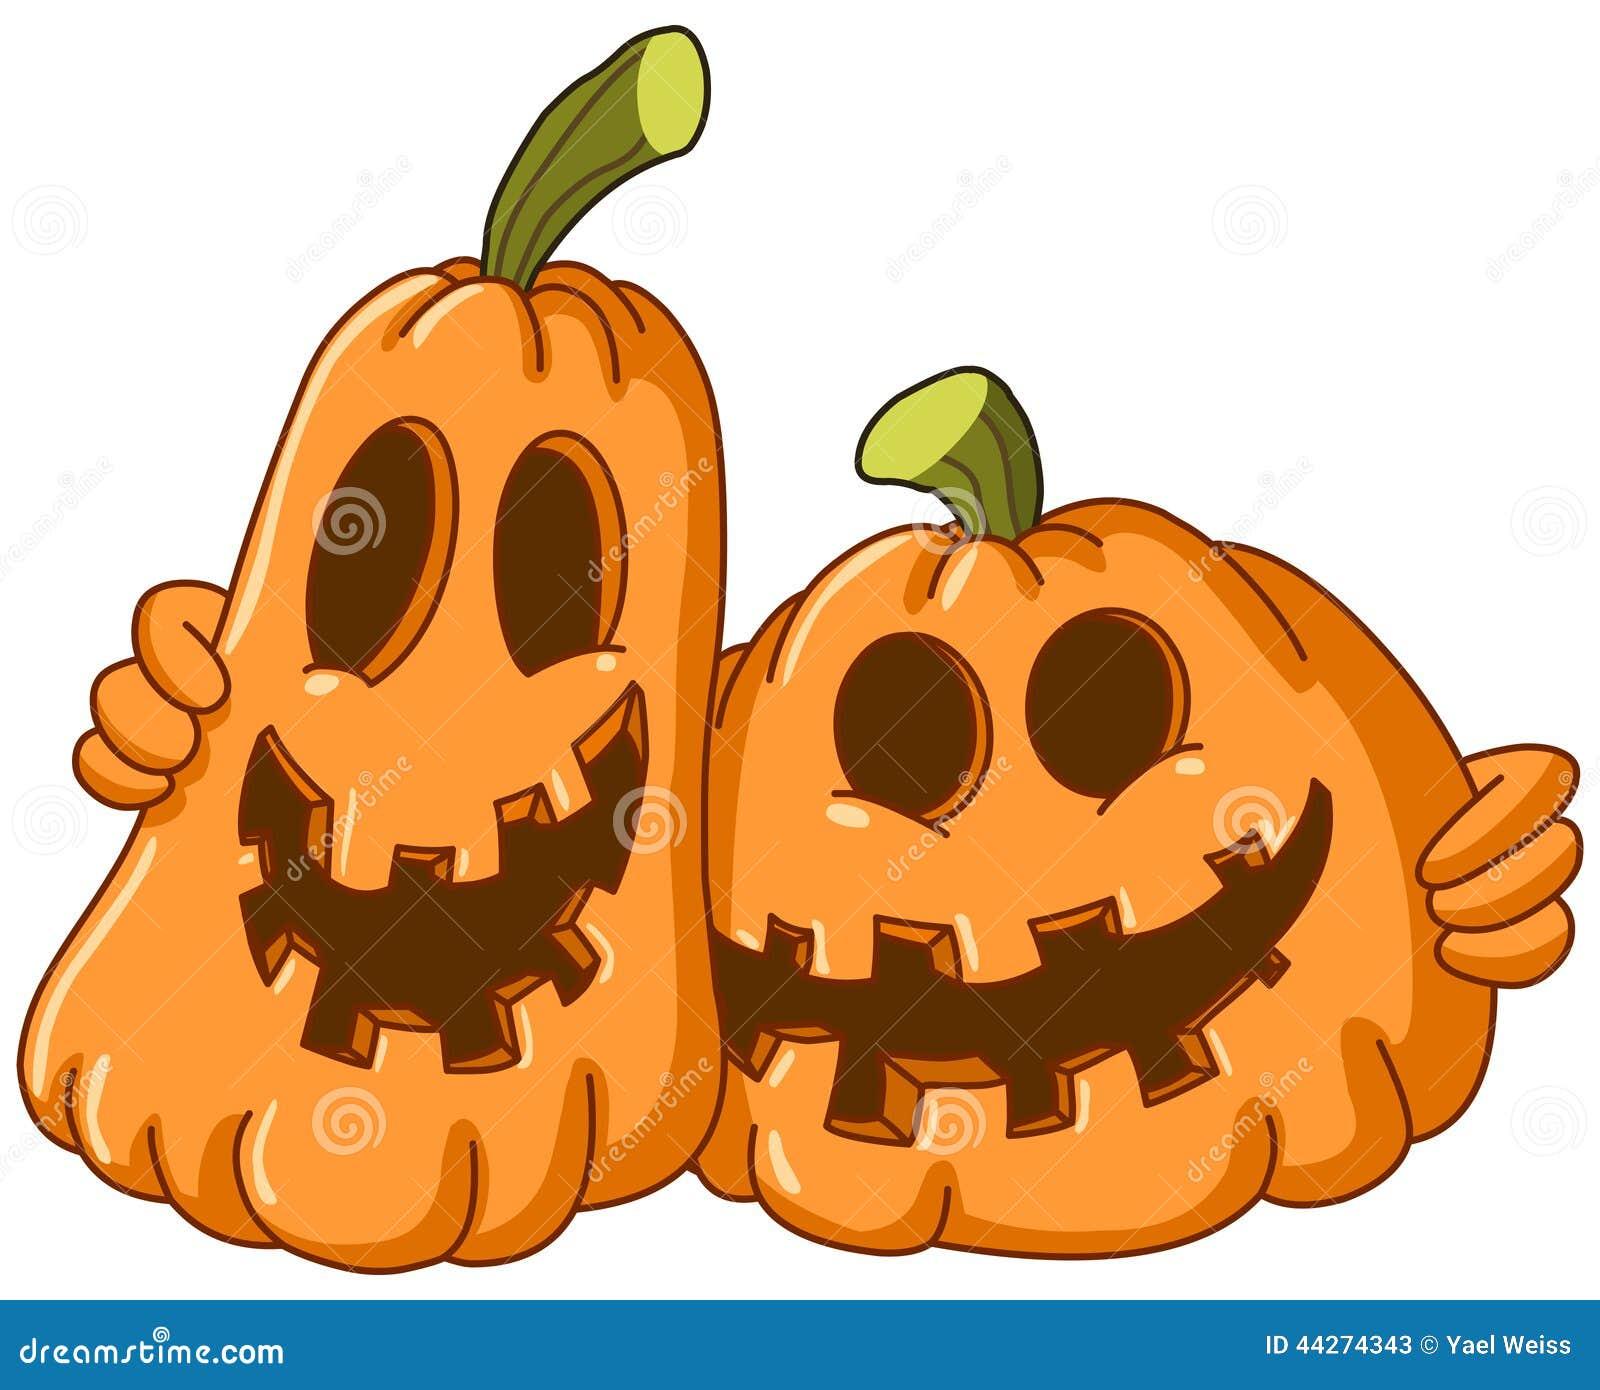 Hugging pumpkins stock vector image 44274343 for Halloween pumpkin clipart